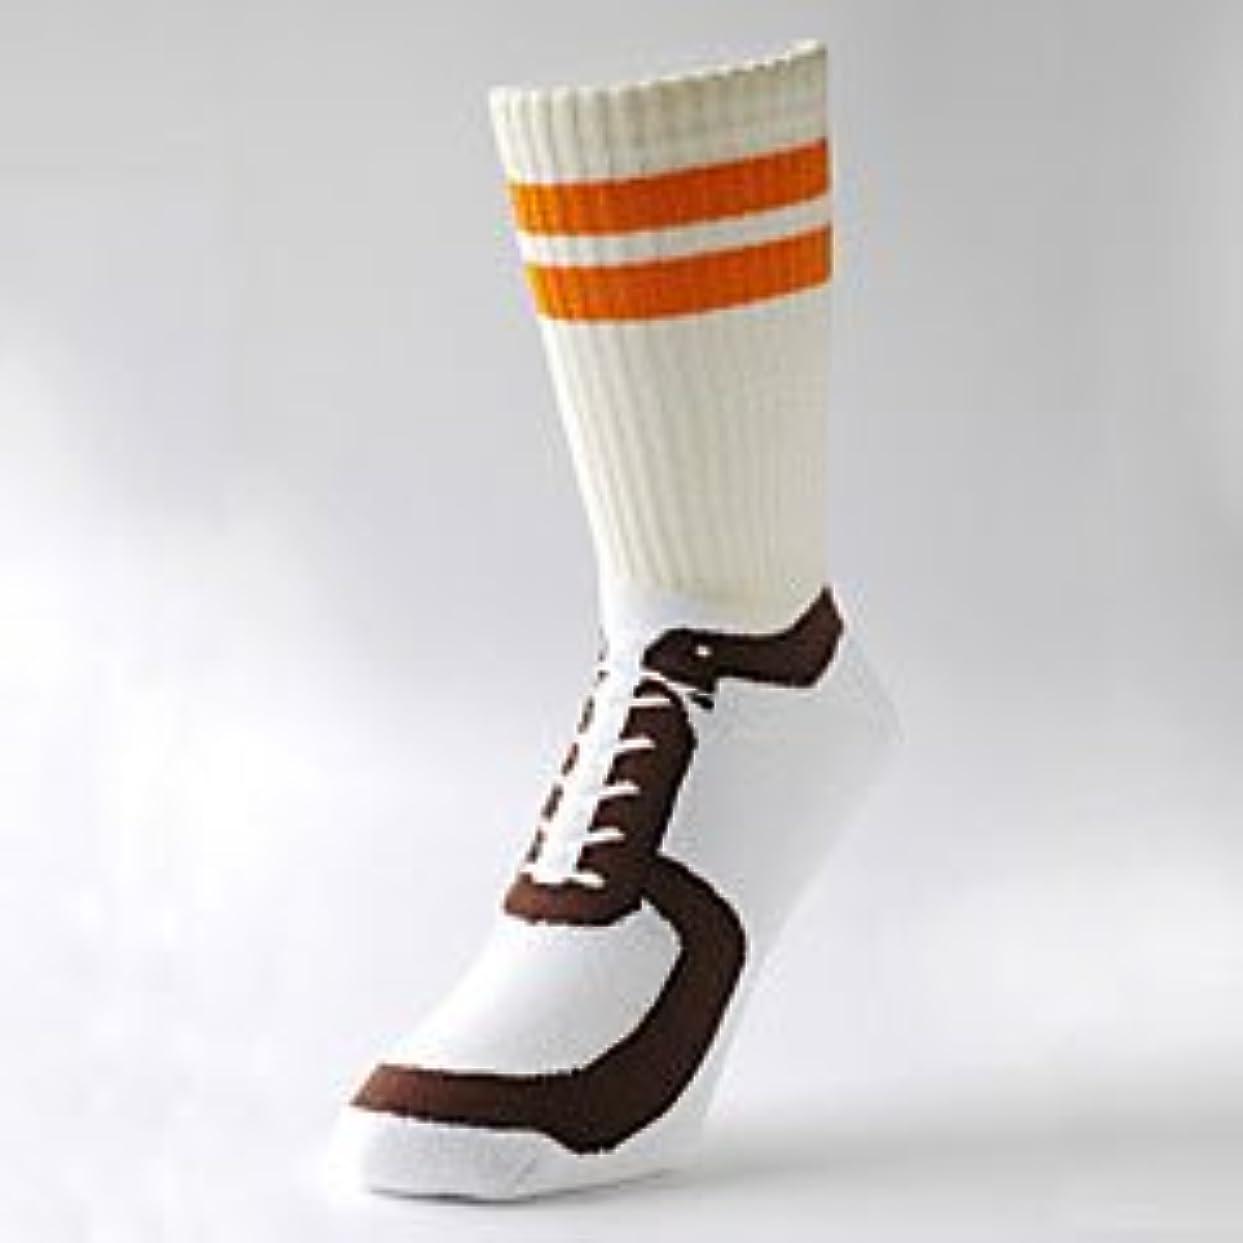 フィードオンフルートじゃがいもくつくつしたCAMPUS [Sサイズ:23~24.5cm](くつ靴下、靴靴下)(0532)